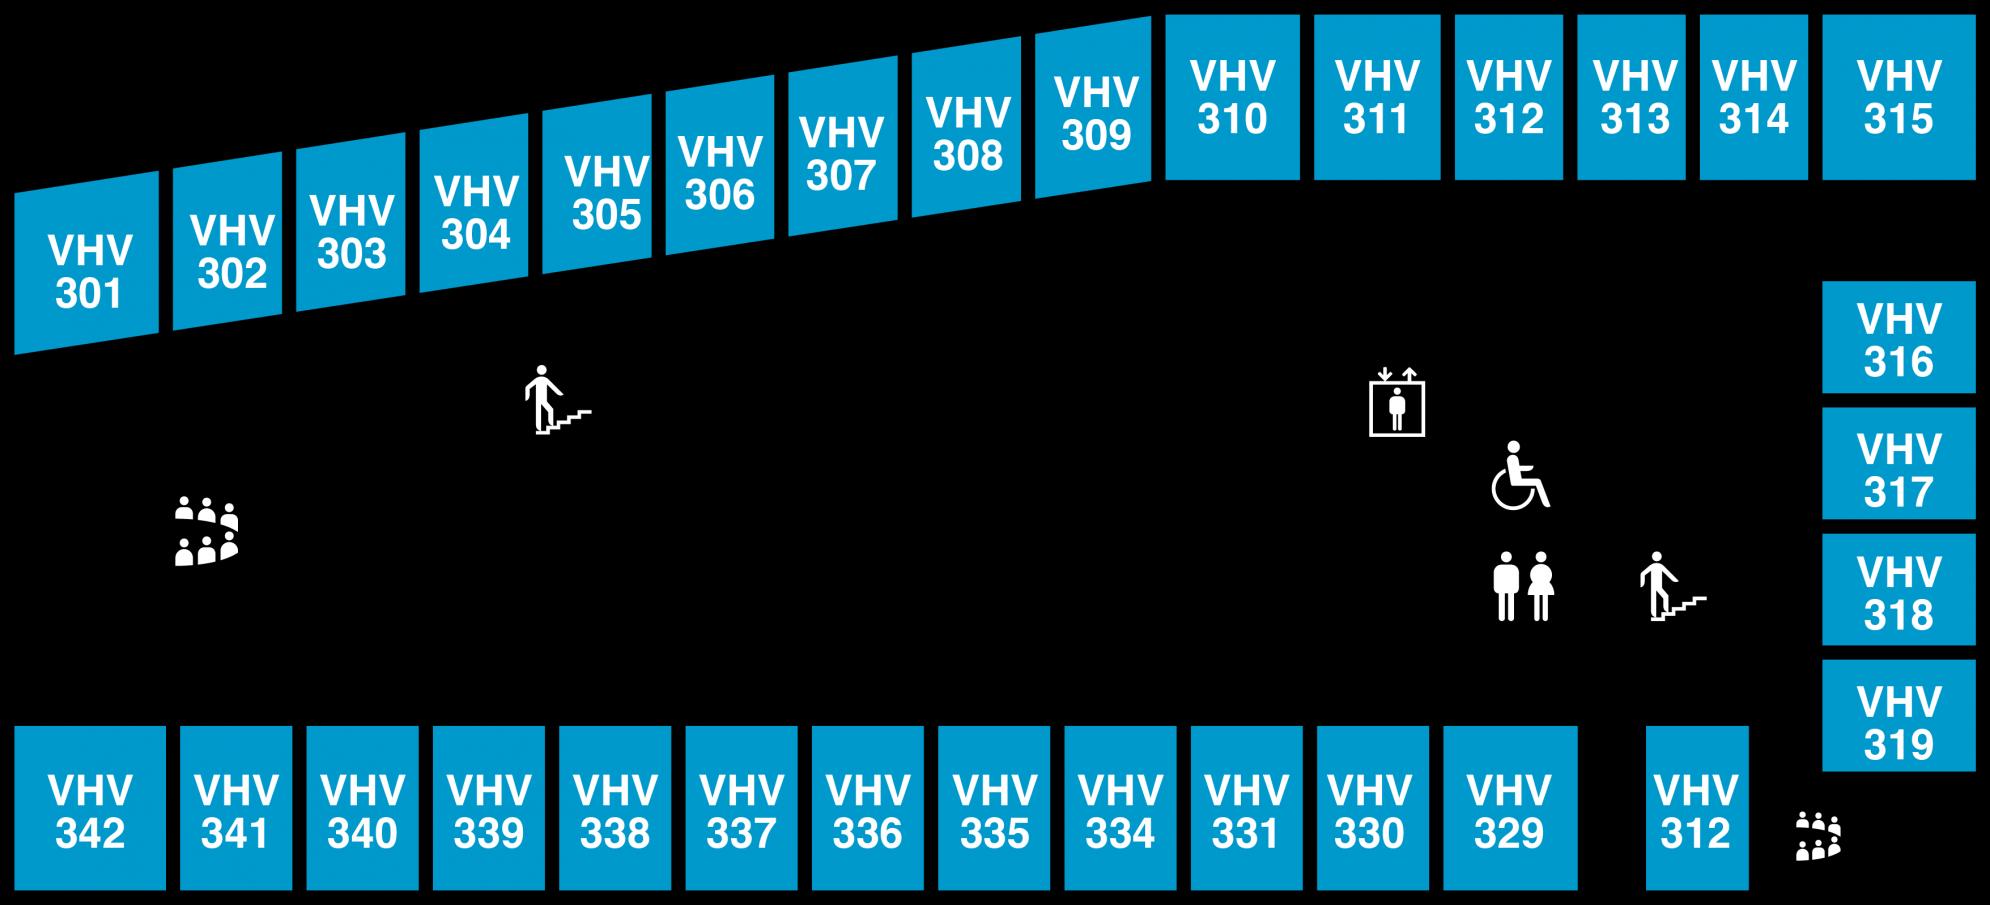 Yfirlitsmynd af Veröld, húsi Vigdísar: 3. hæð